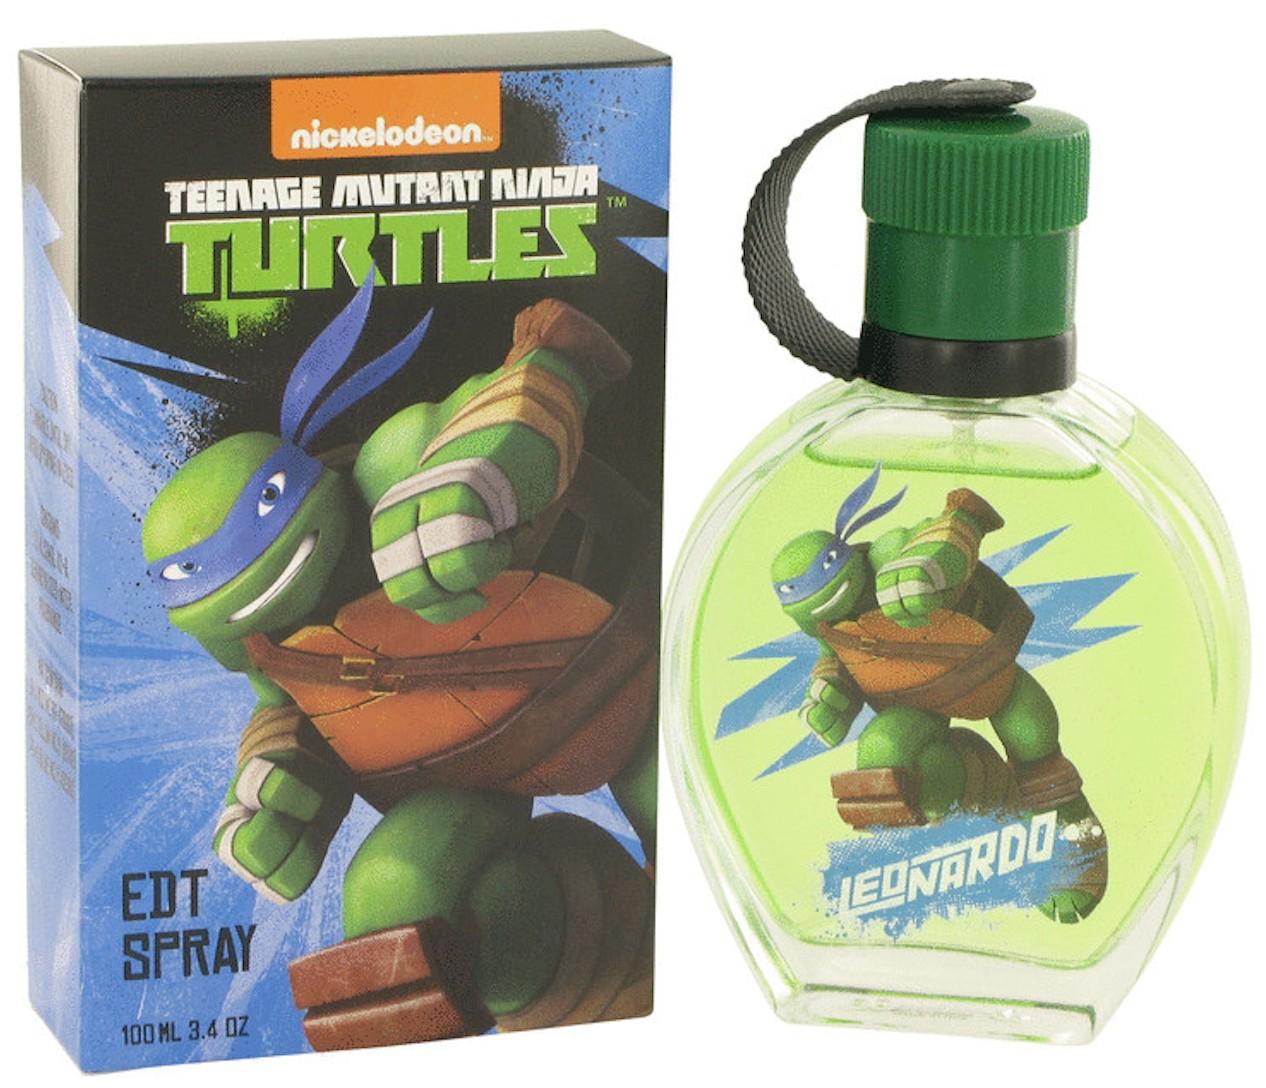 marmol & son teenage mutant ninja turtles - leonardo